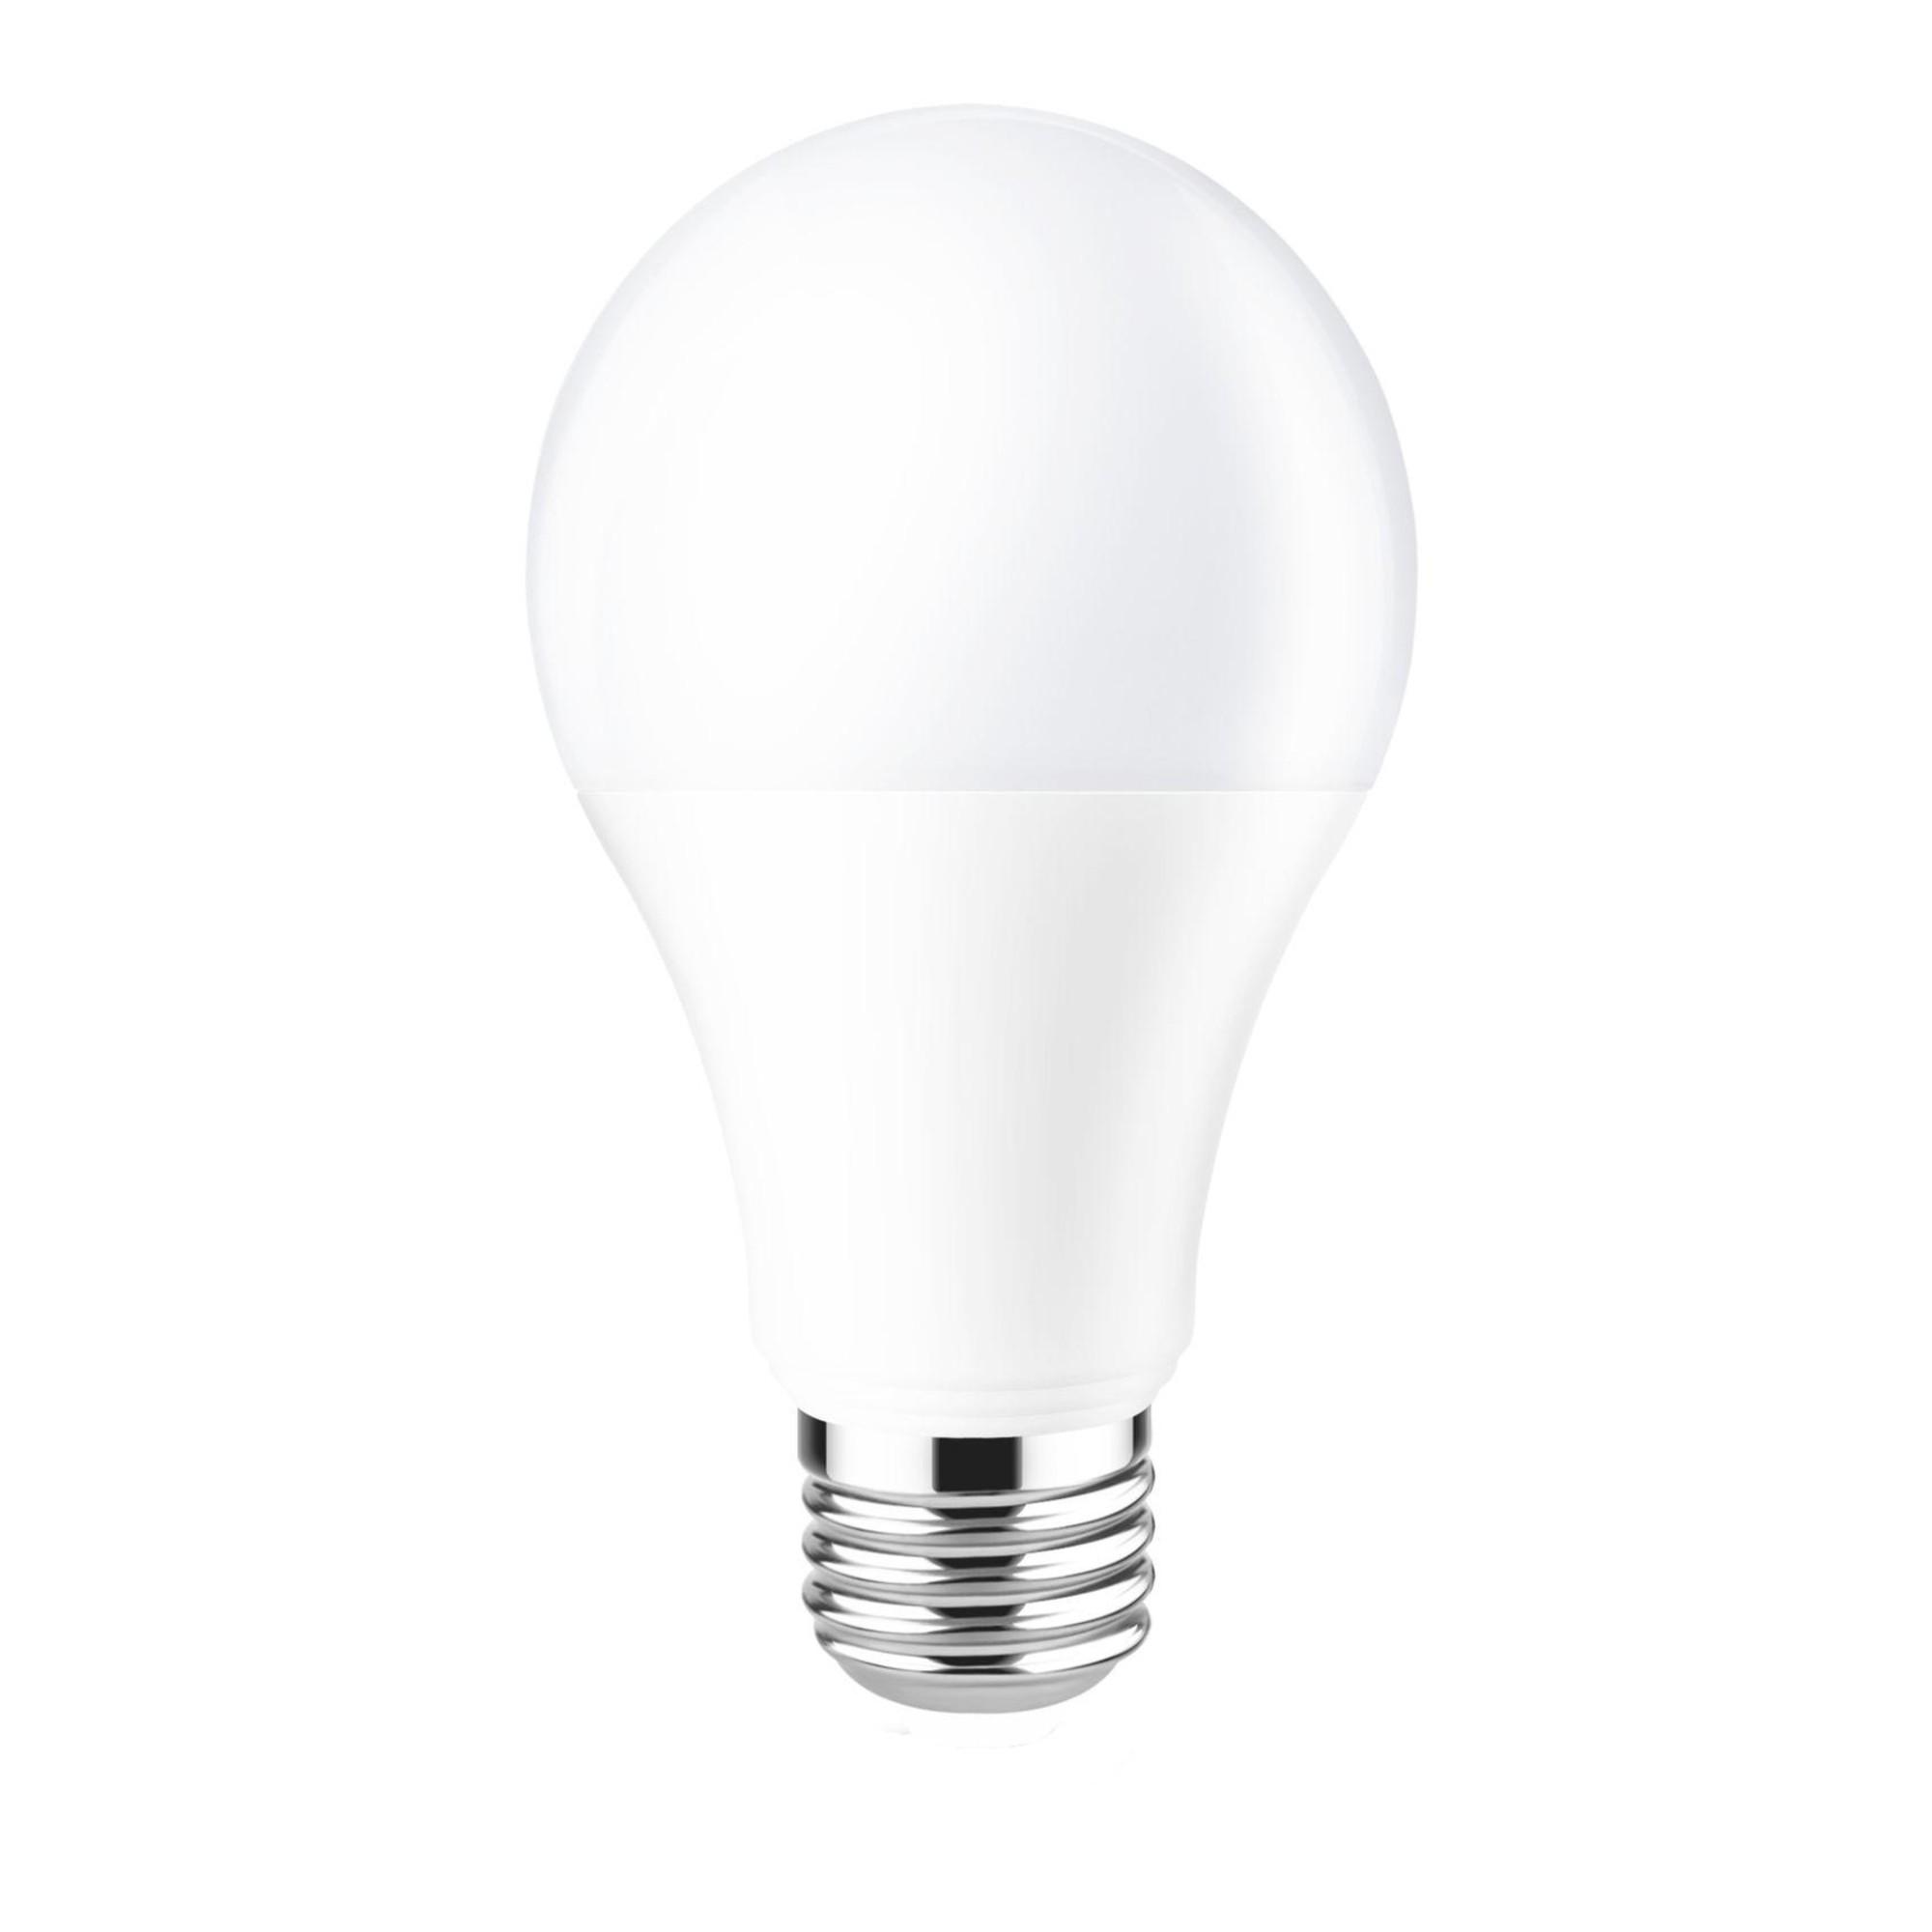 Лампа Ecola light светодионая E27 9.20 Вт груша 580 Лм теплый свет